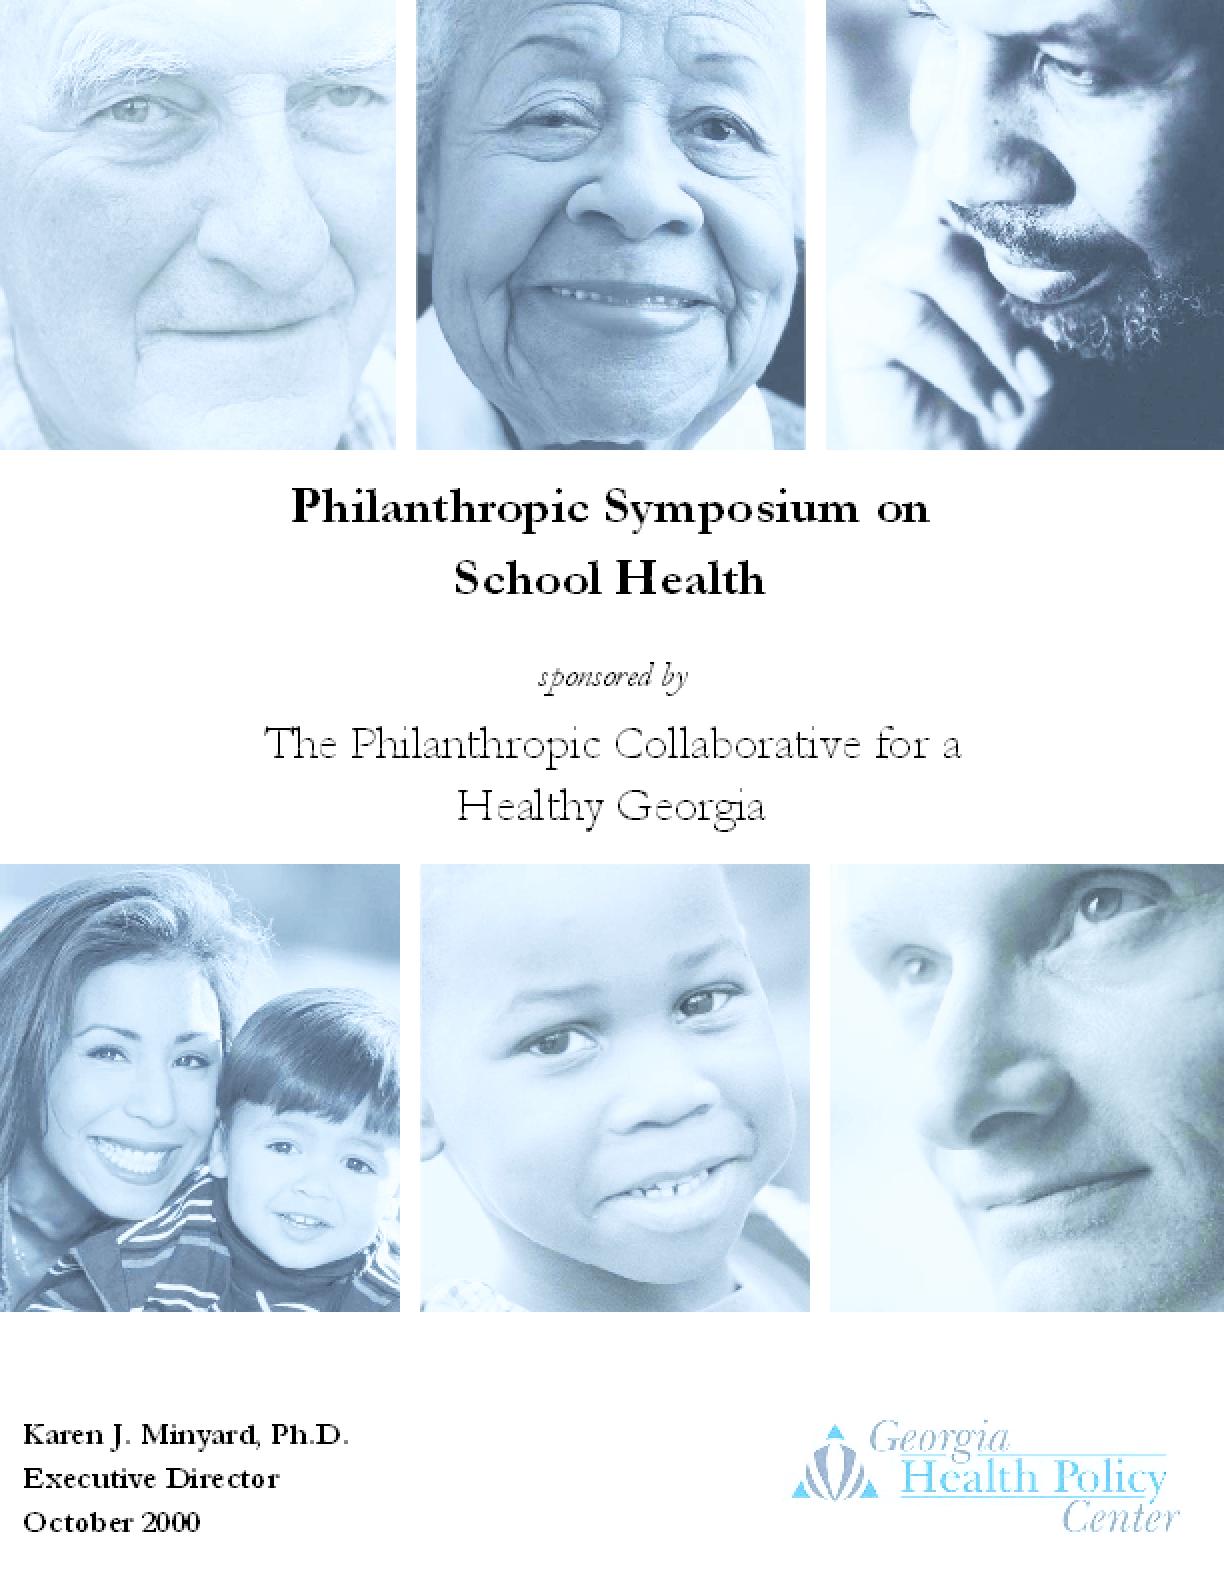 Philanthropic Symposium on School Health